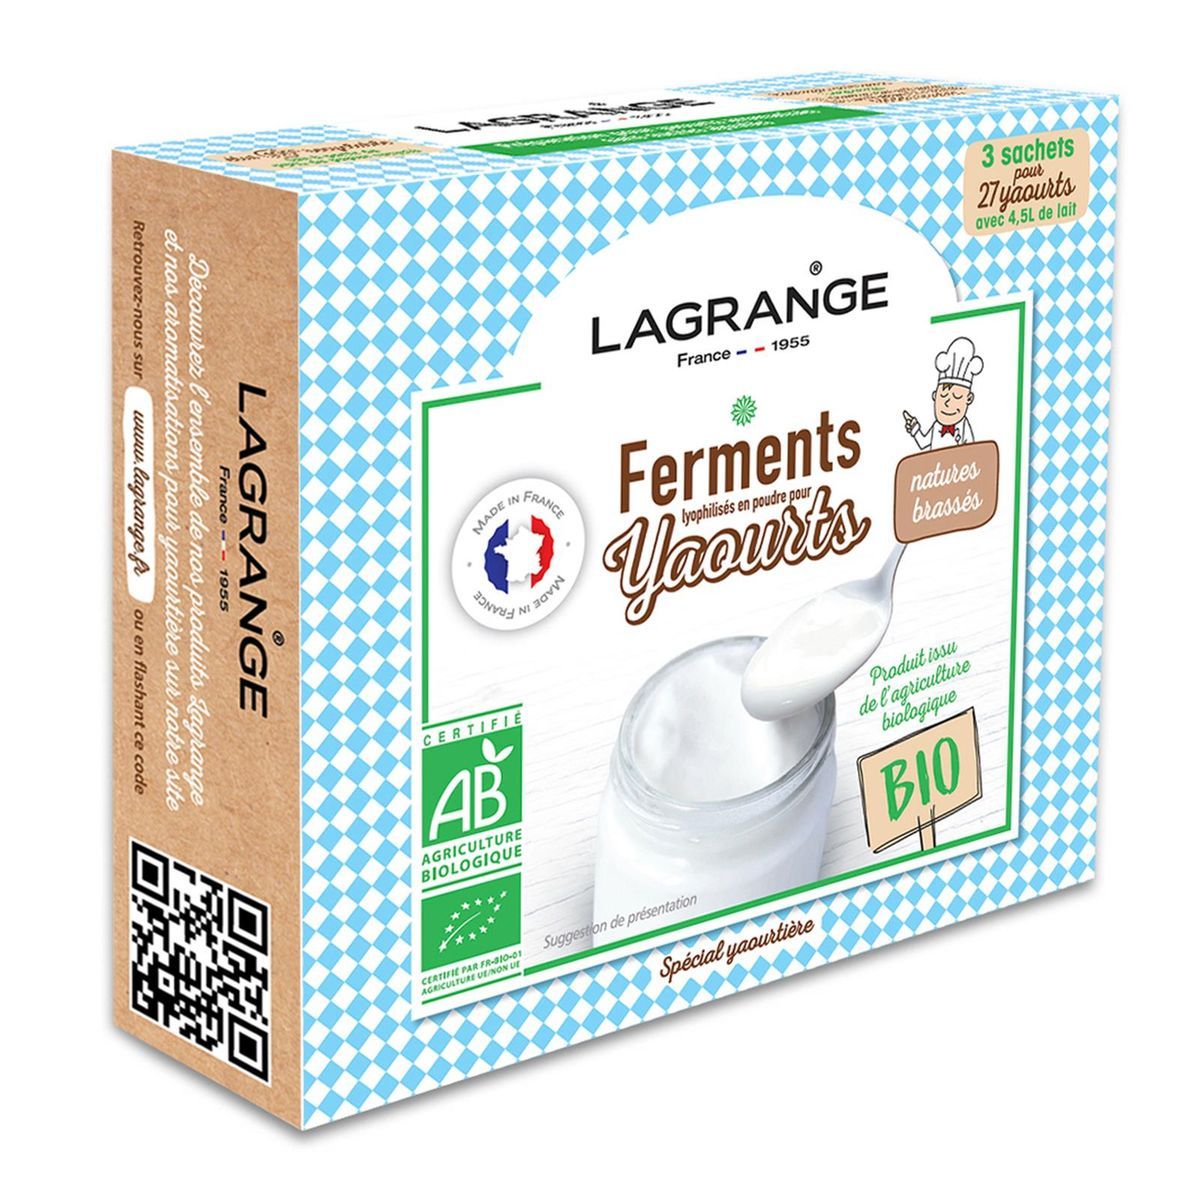 Ferments pour 27 yaourts natures - Lagrange